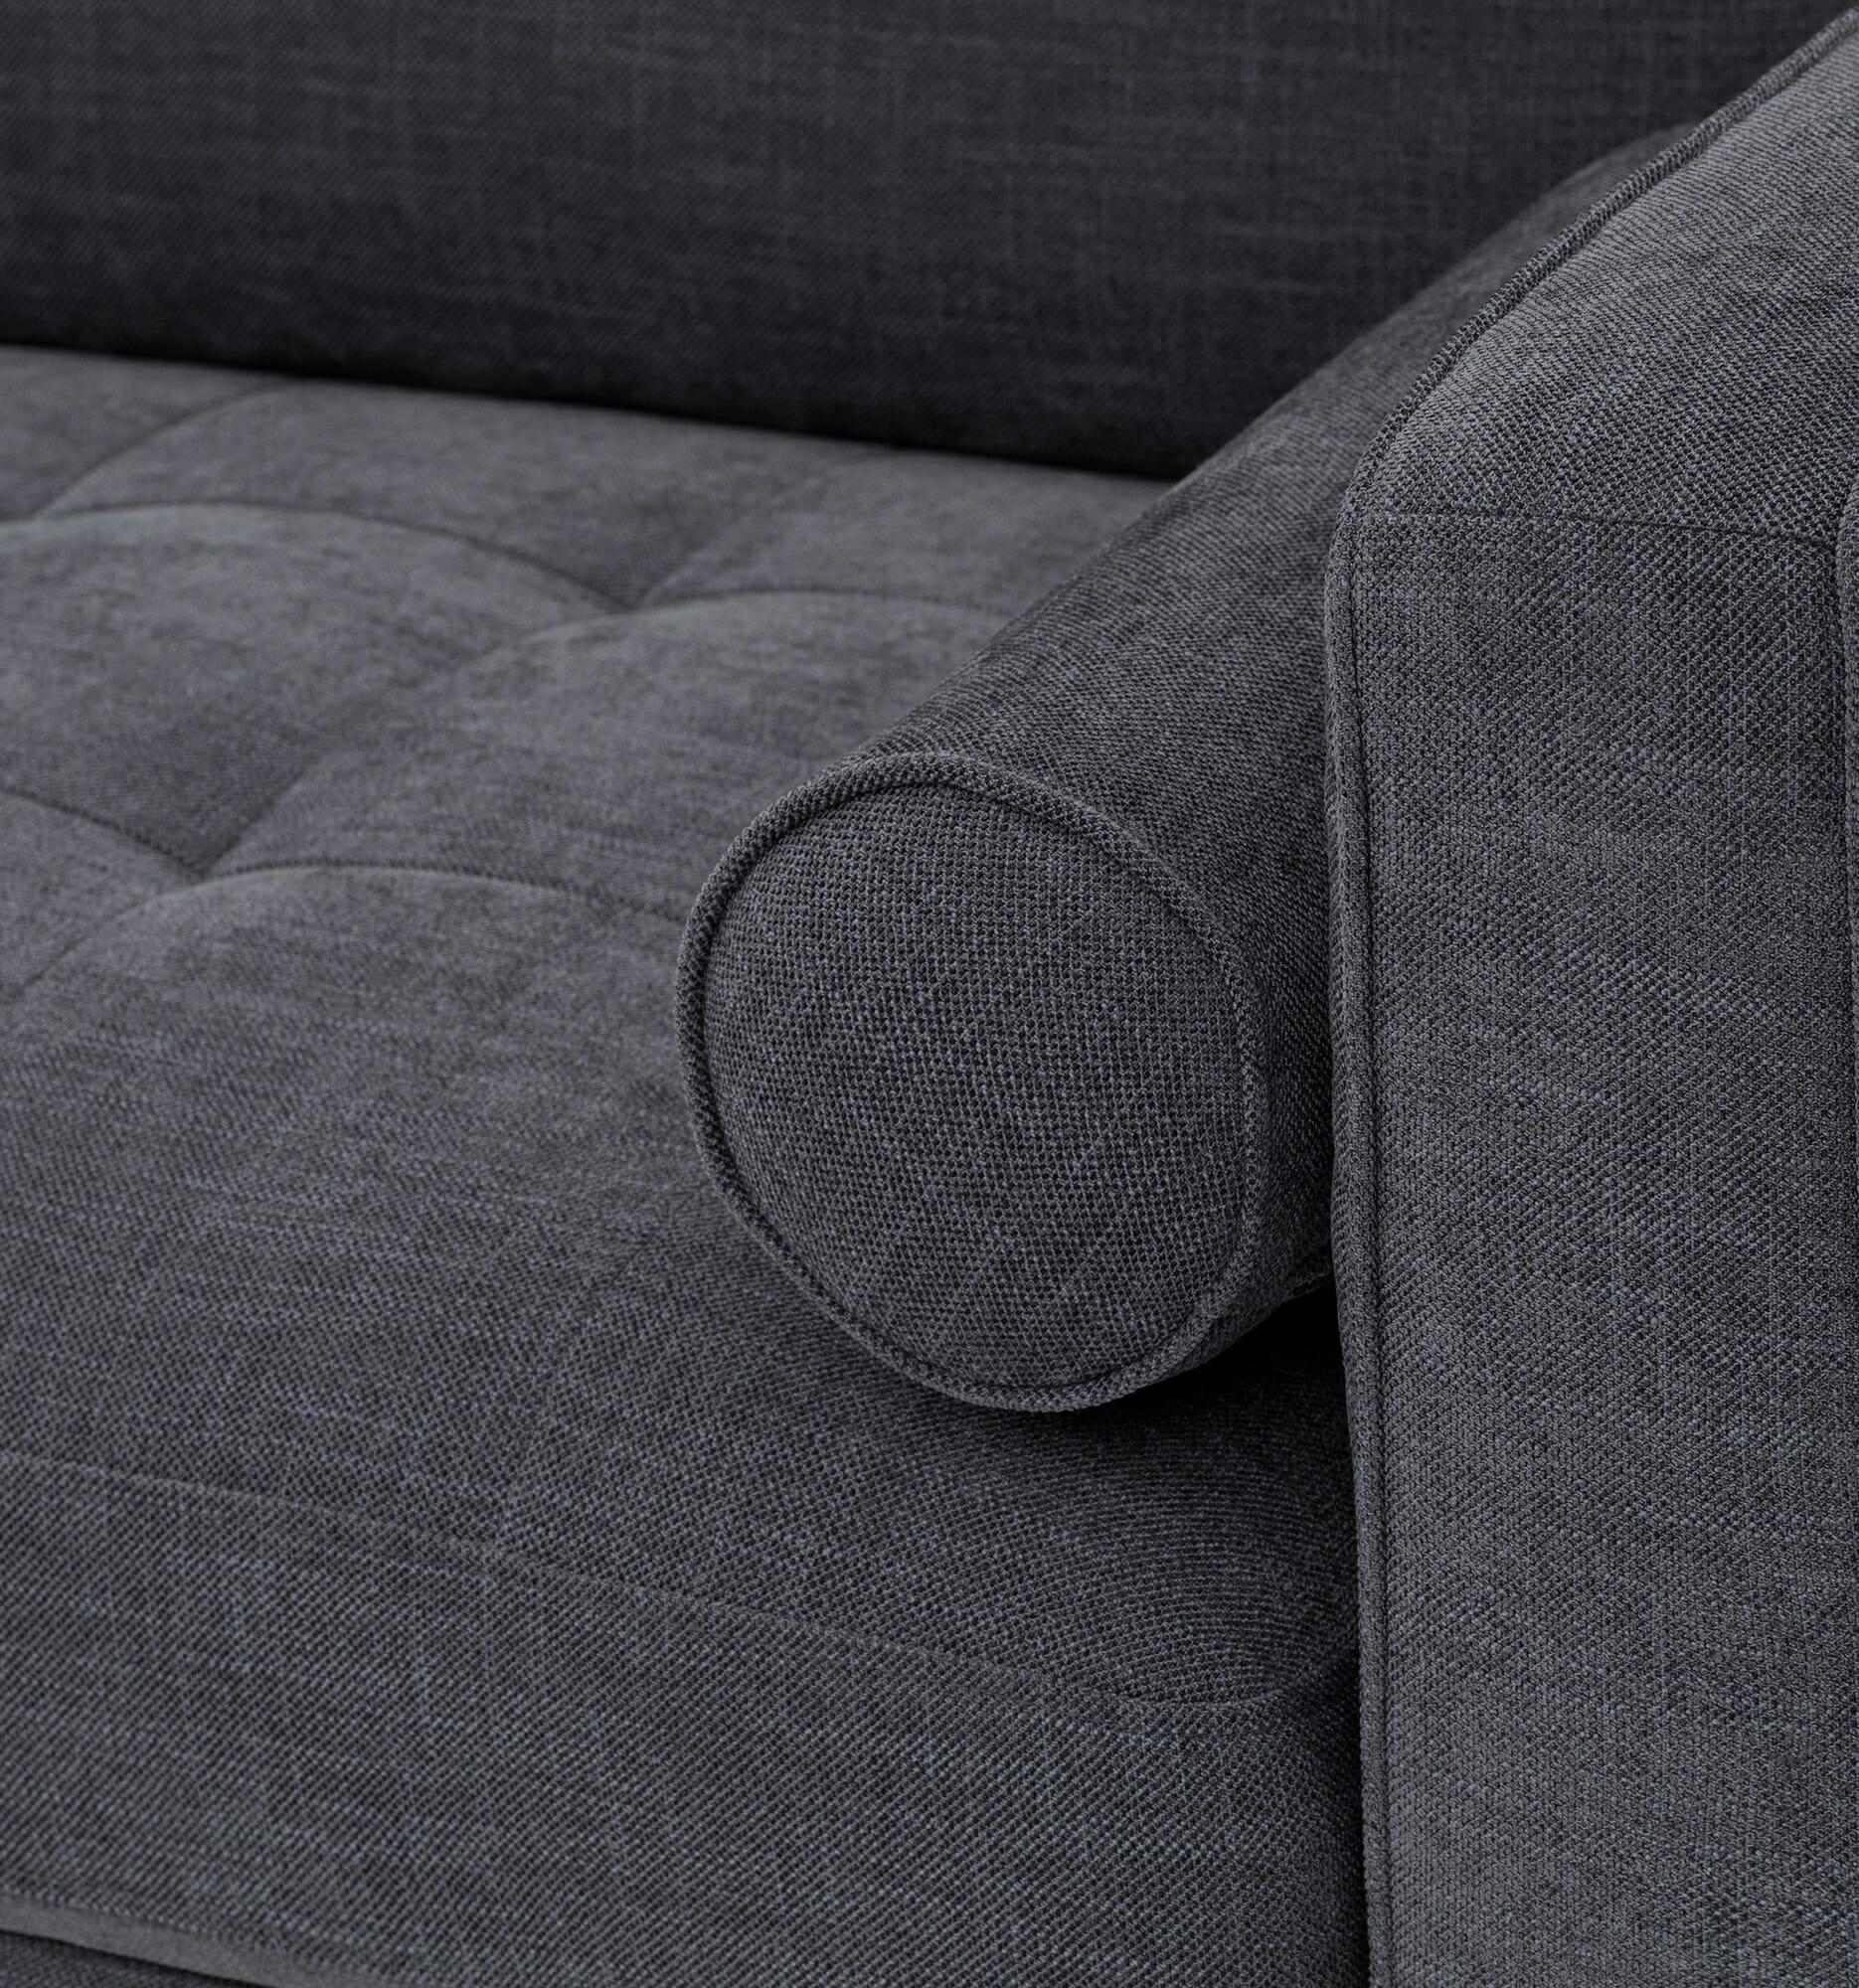 The soho sofa - slate